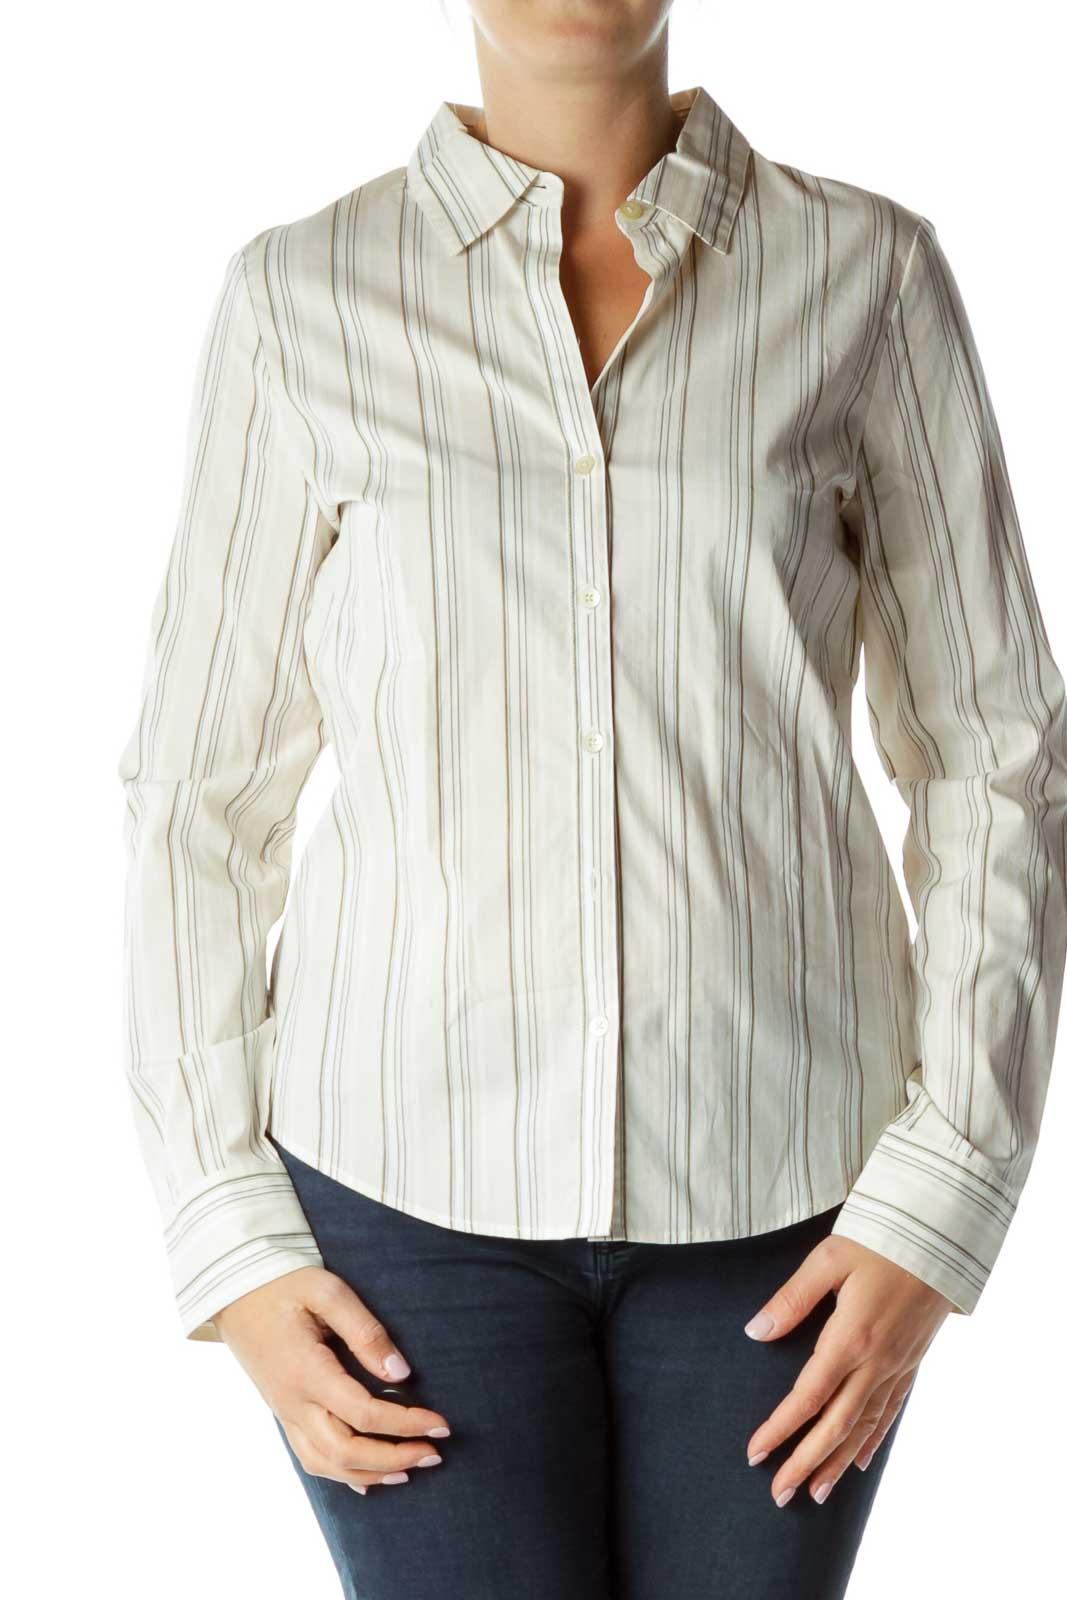 Beige Long Sleeve Shirt Front